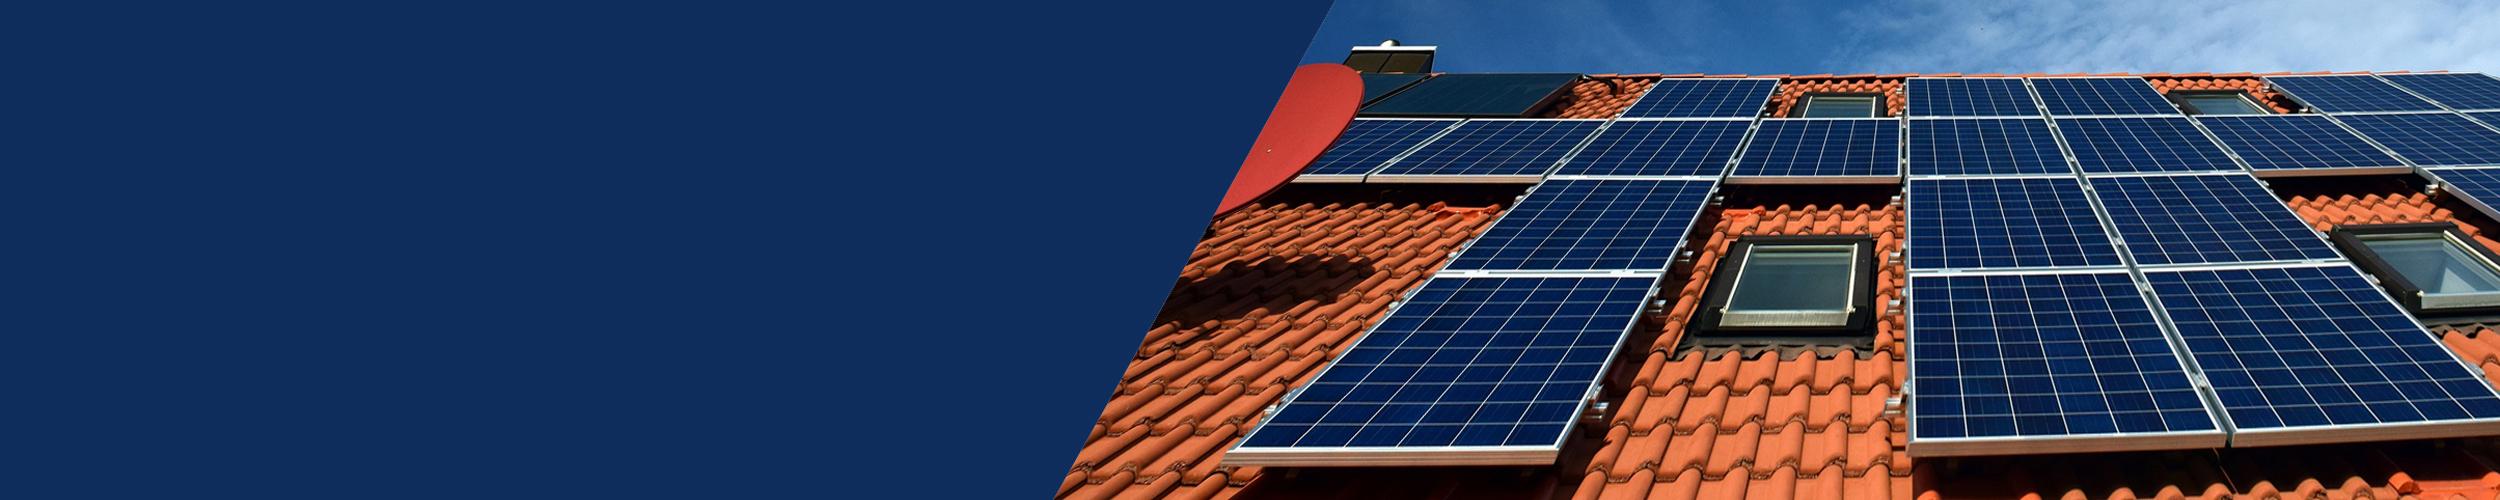 Zelf energie opwekken en besparen?